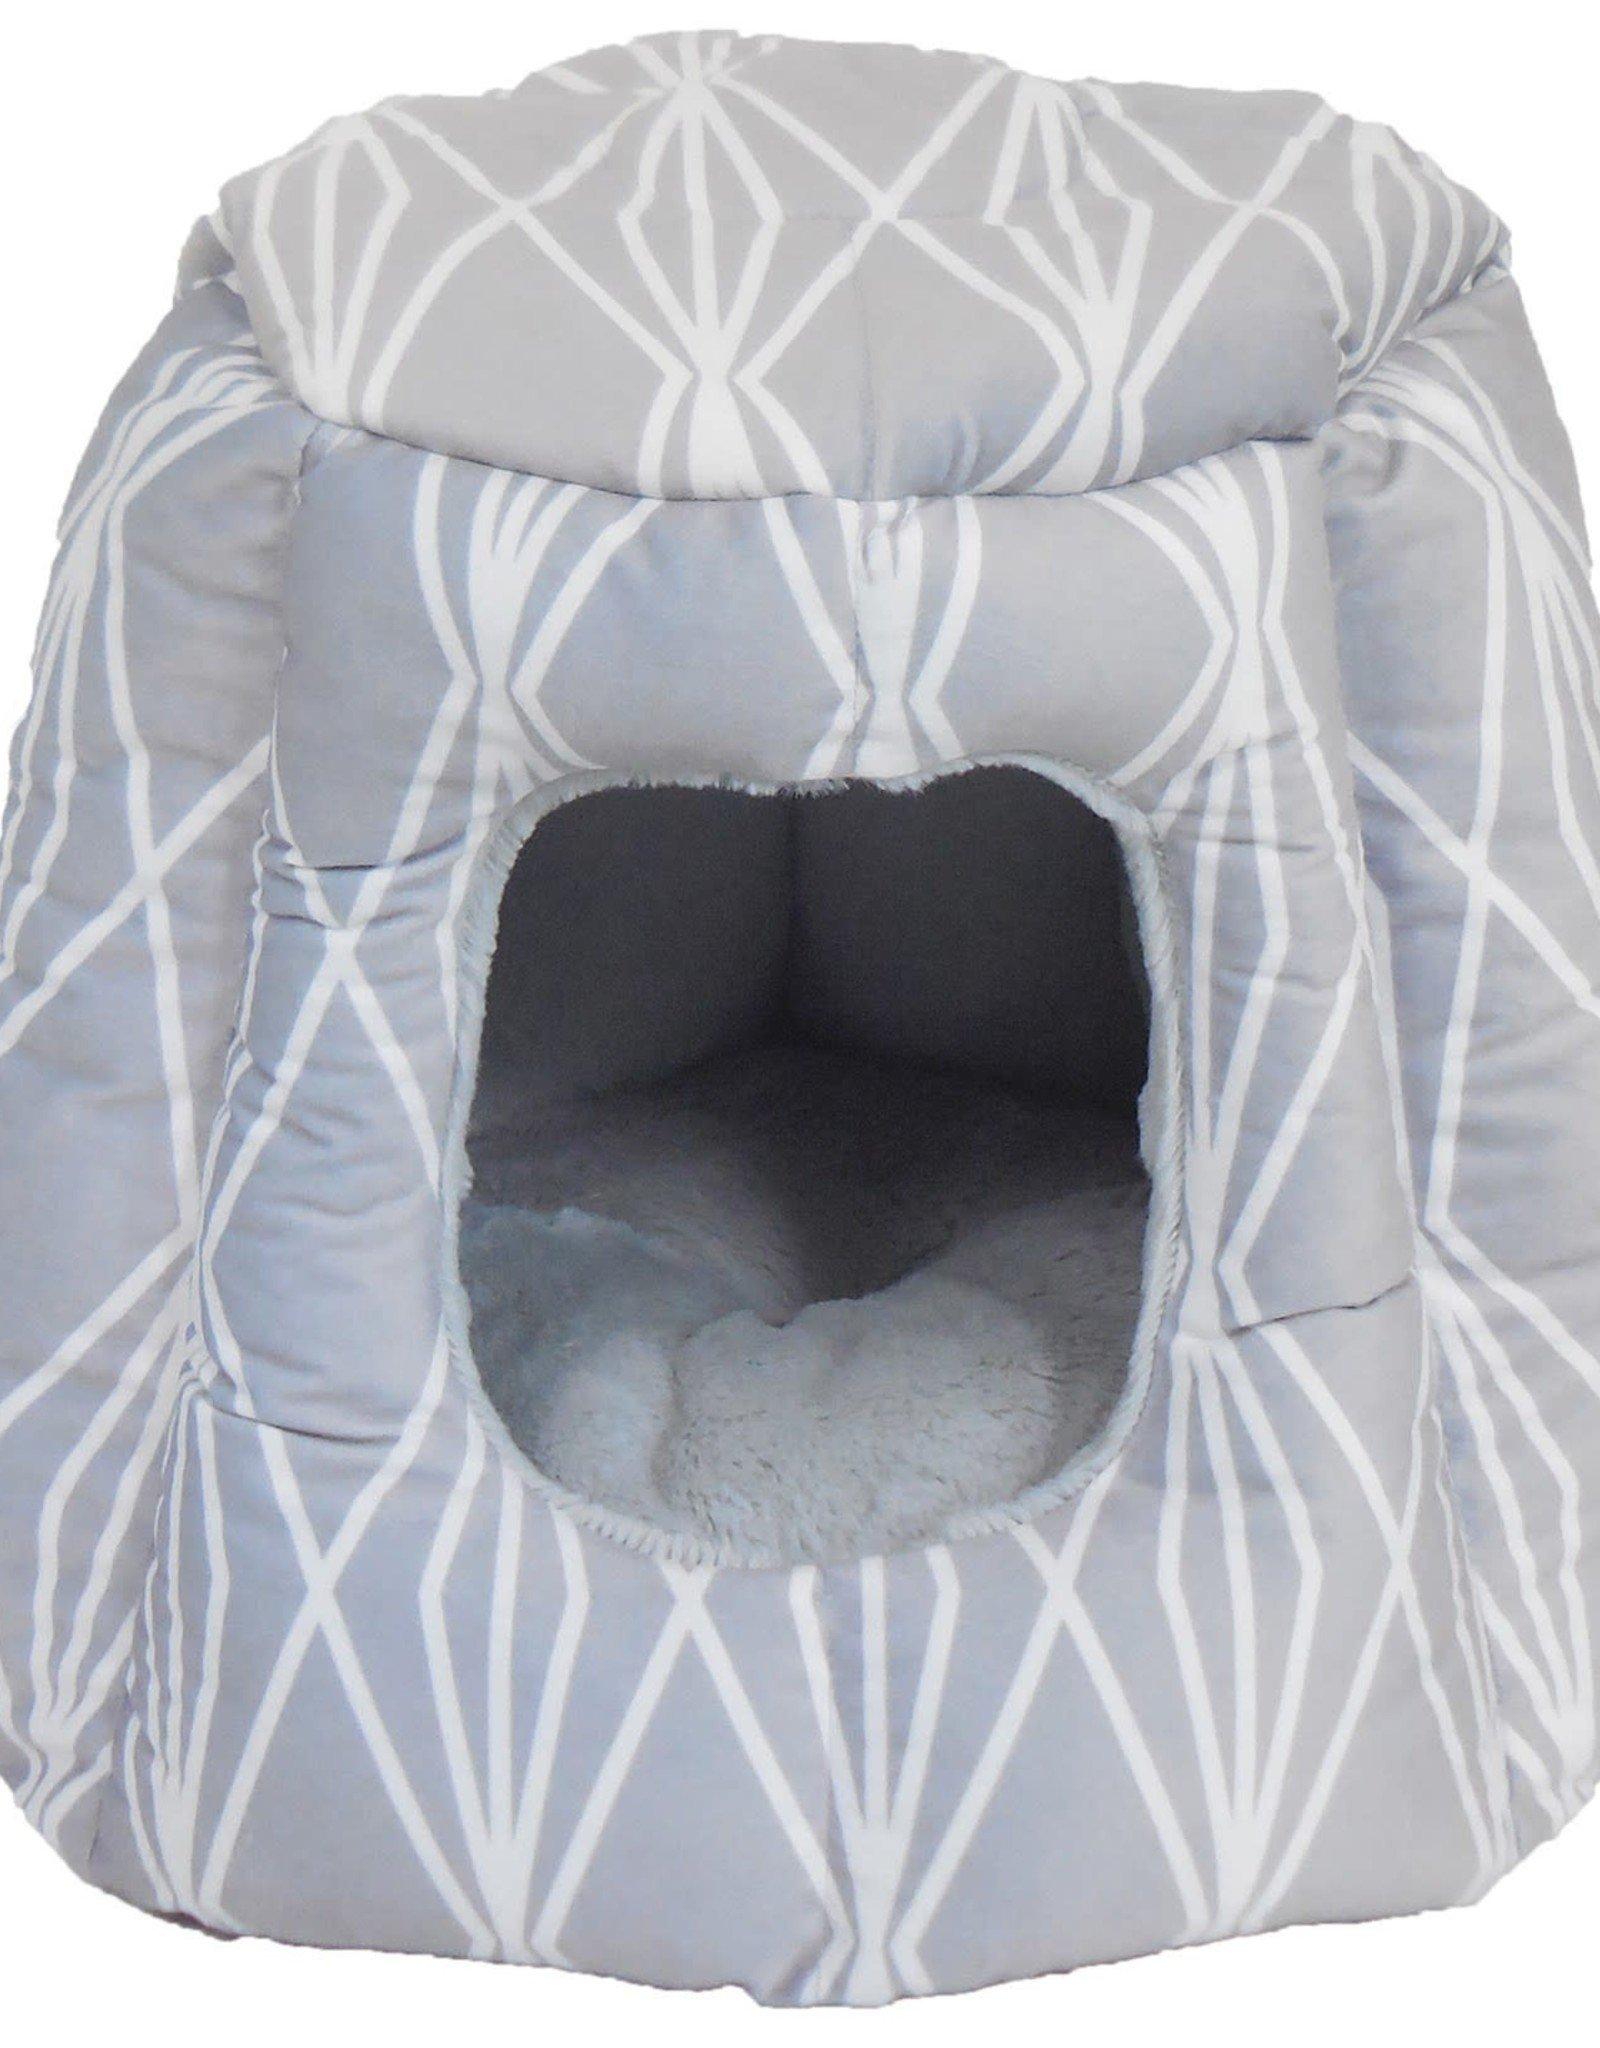 Arlee Pet Products Arlee Hide & Seek Dome